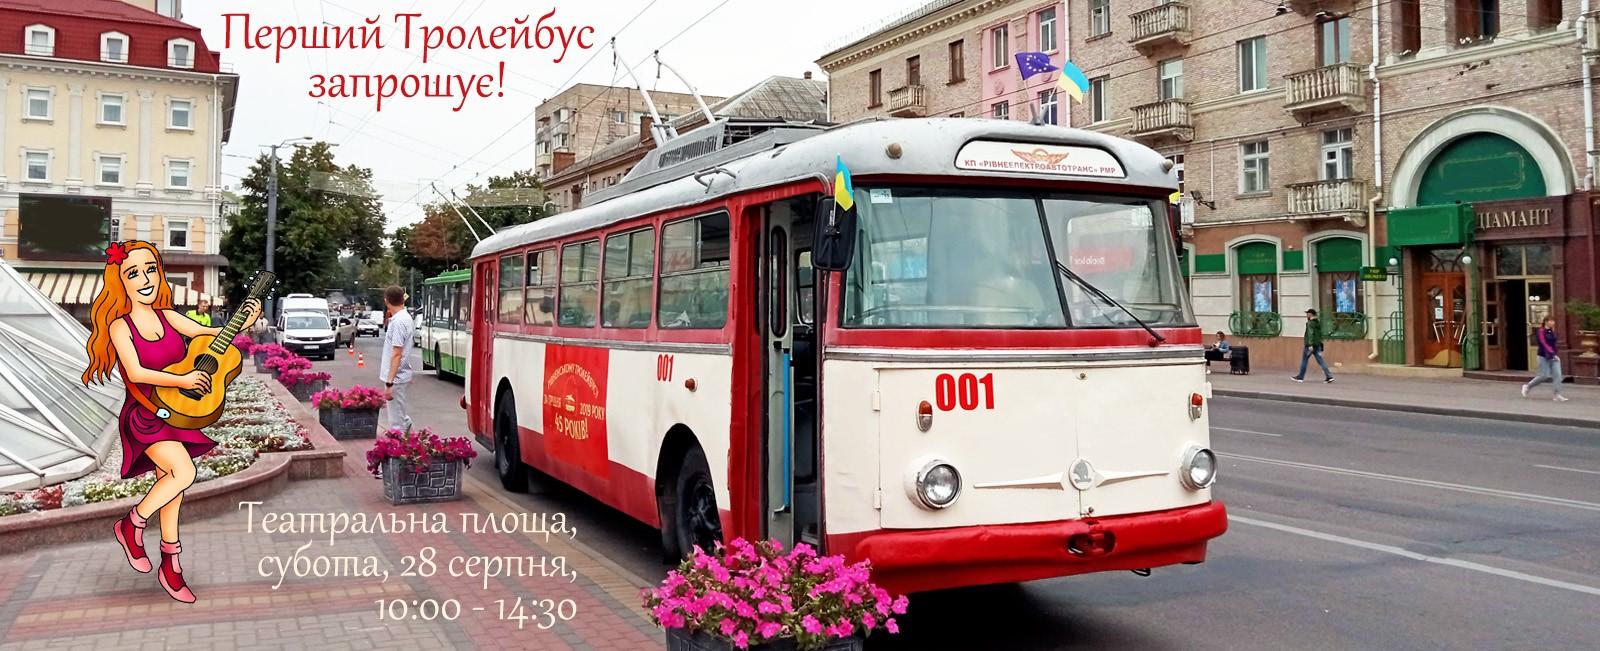 Рівнян та гостей міста запрошують познайомитися з тролейбусом № 001